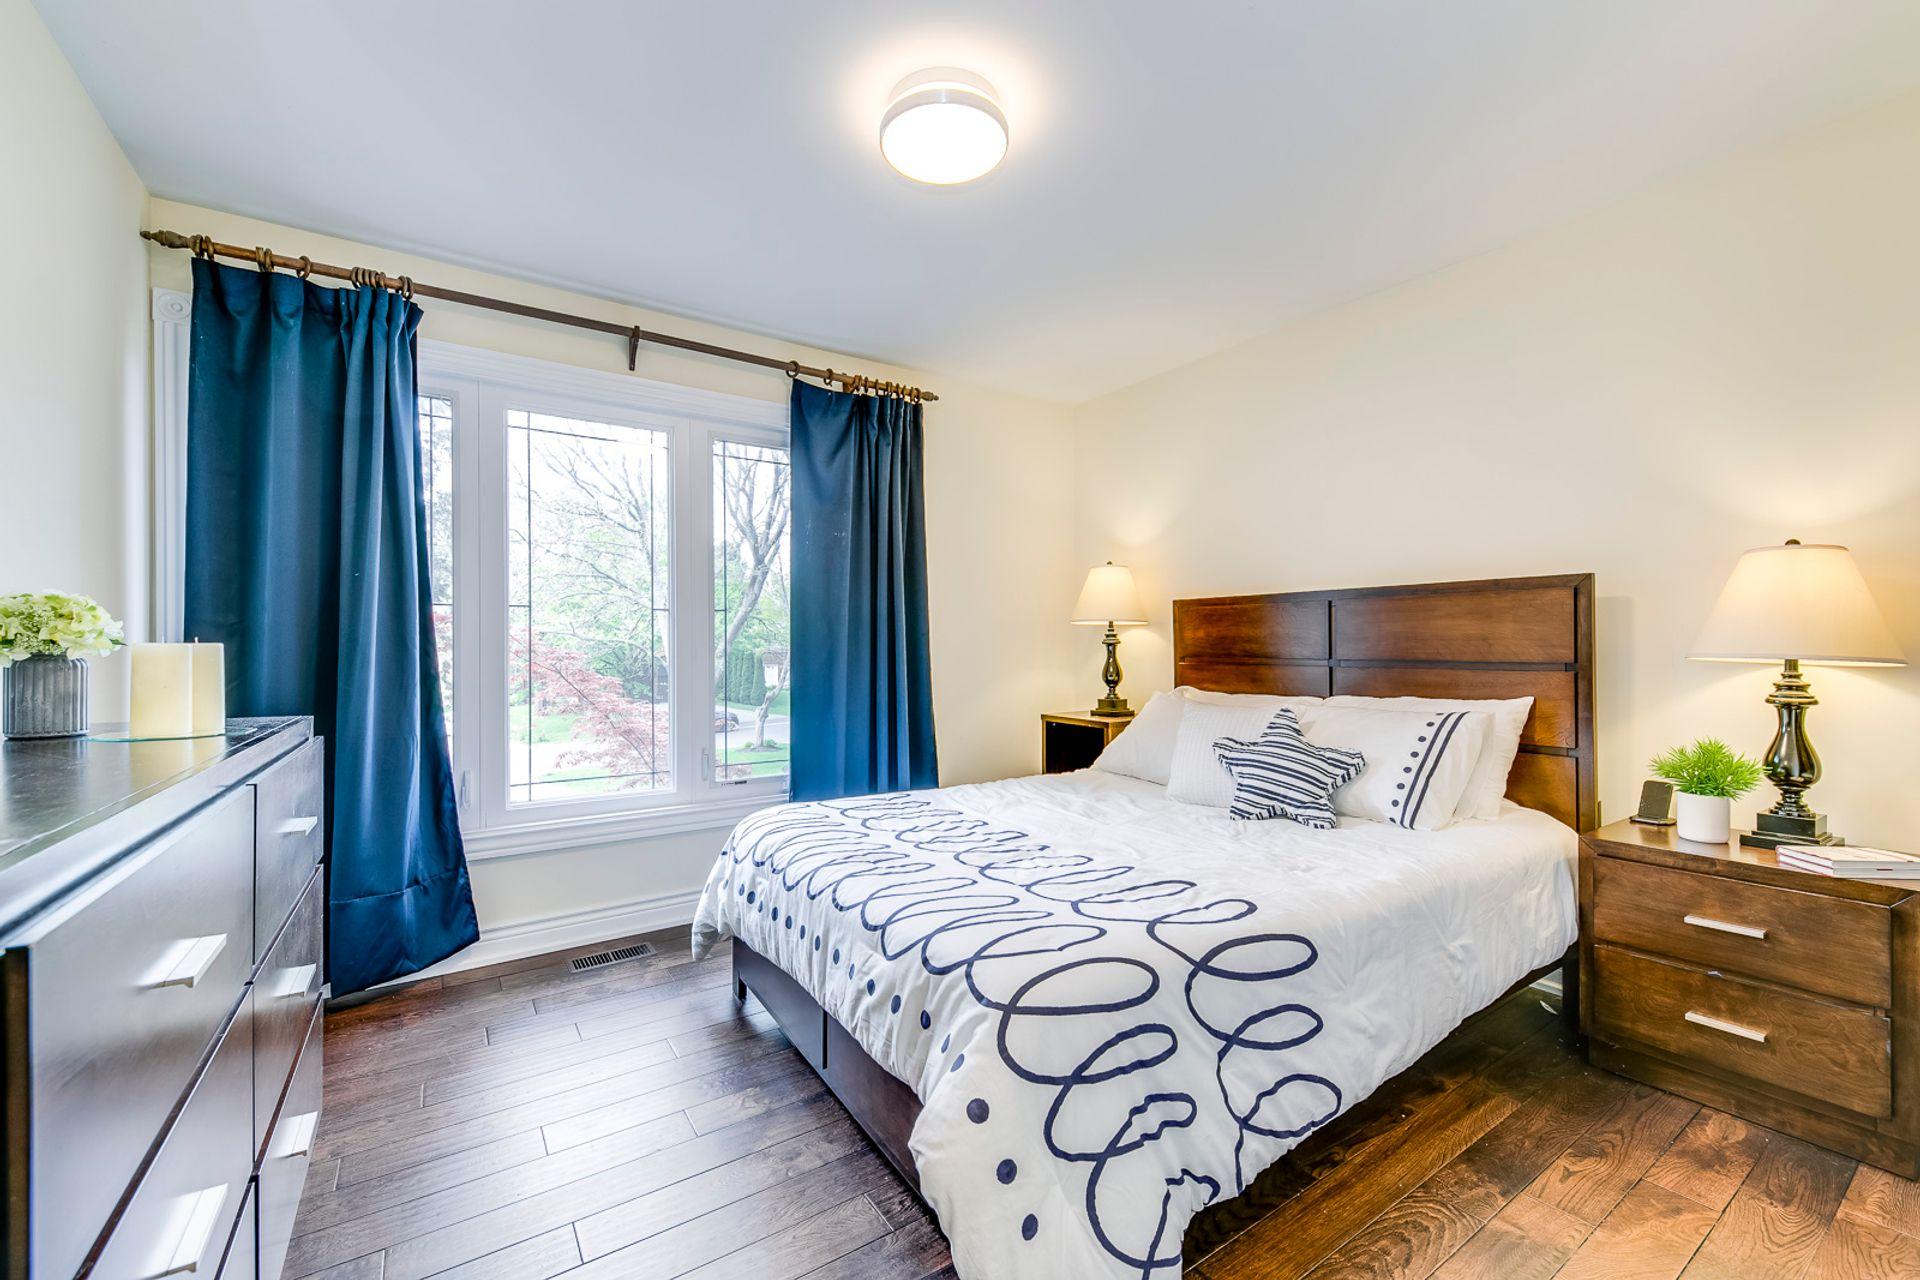 3rd Bedroom - 2421 Jarvis St, Mississauga - Elite3 & Team at 2421 Jarvis Street, Airport Corporate, Mississauga